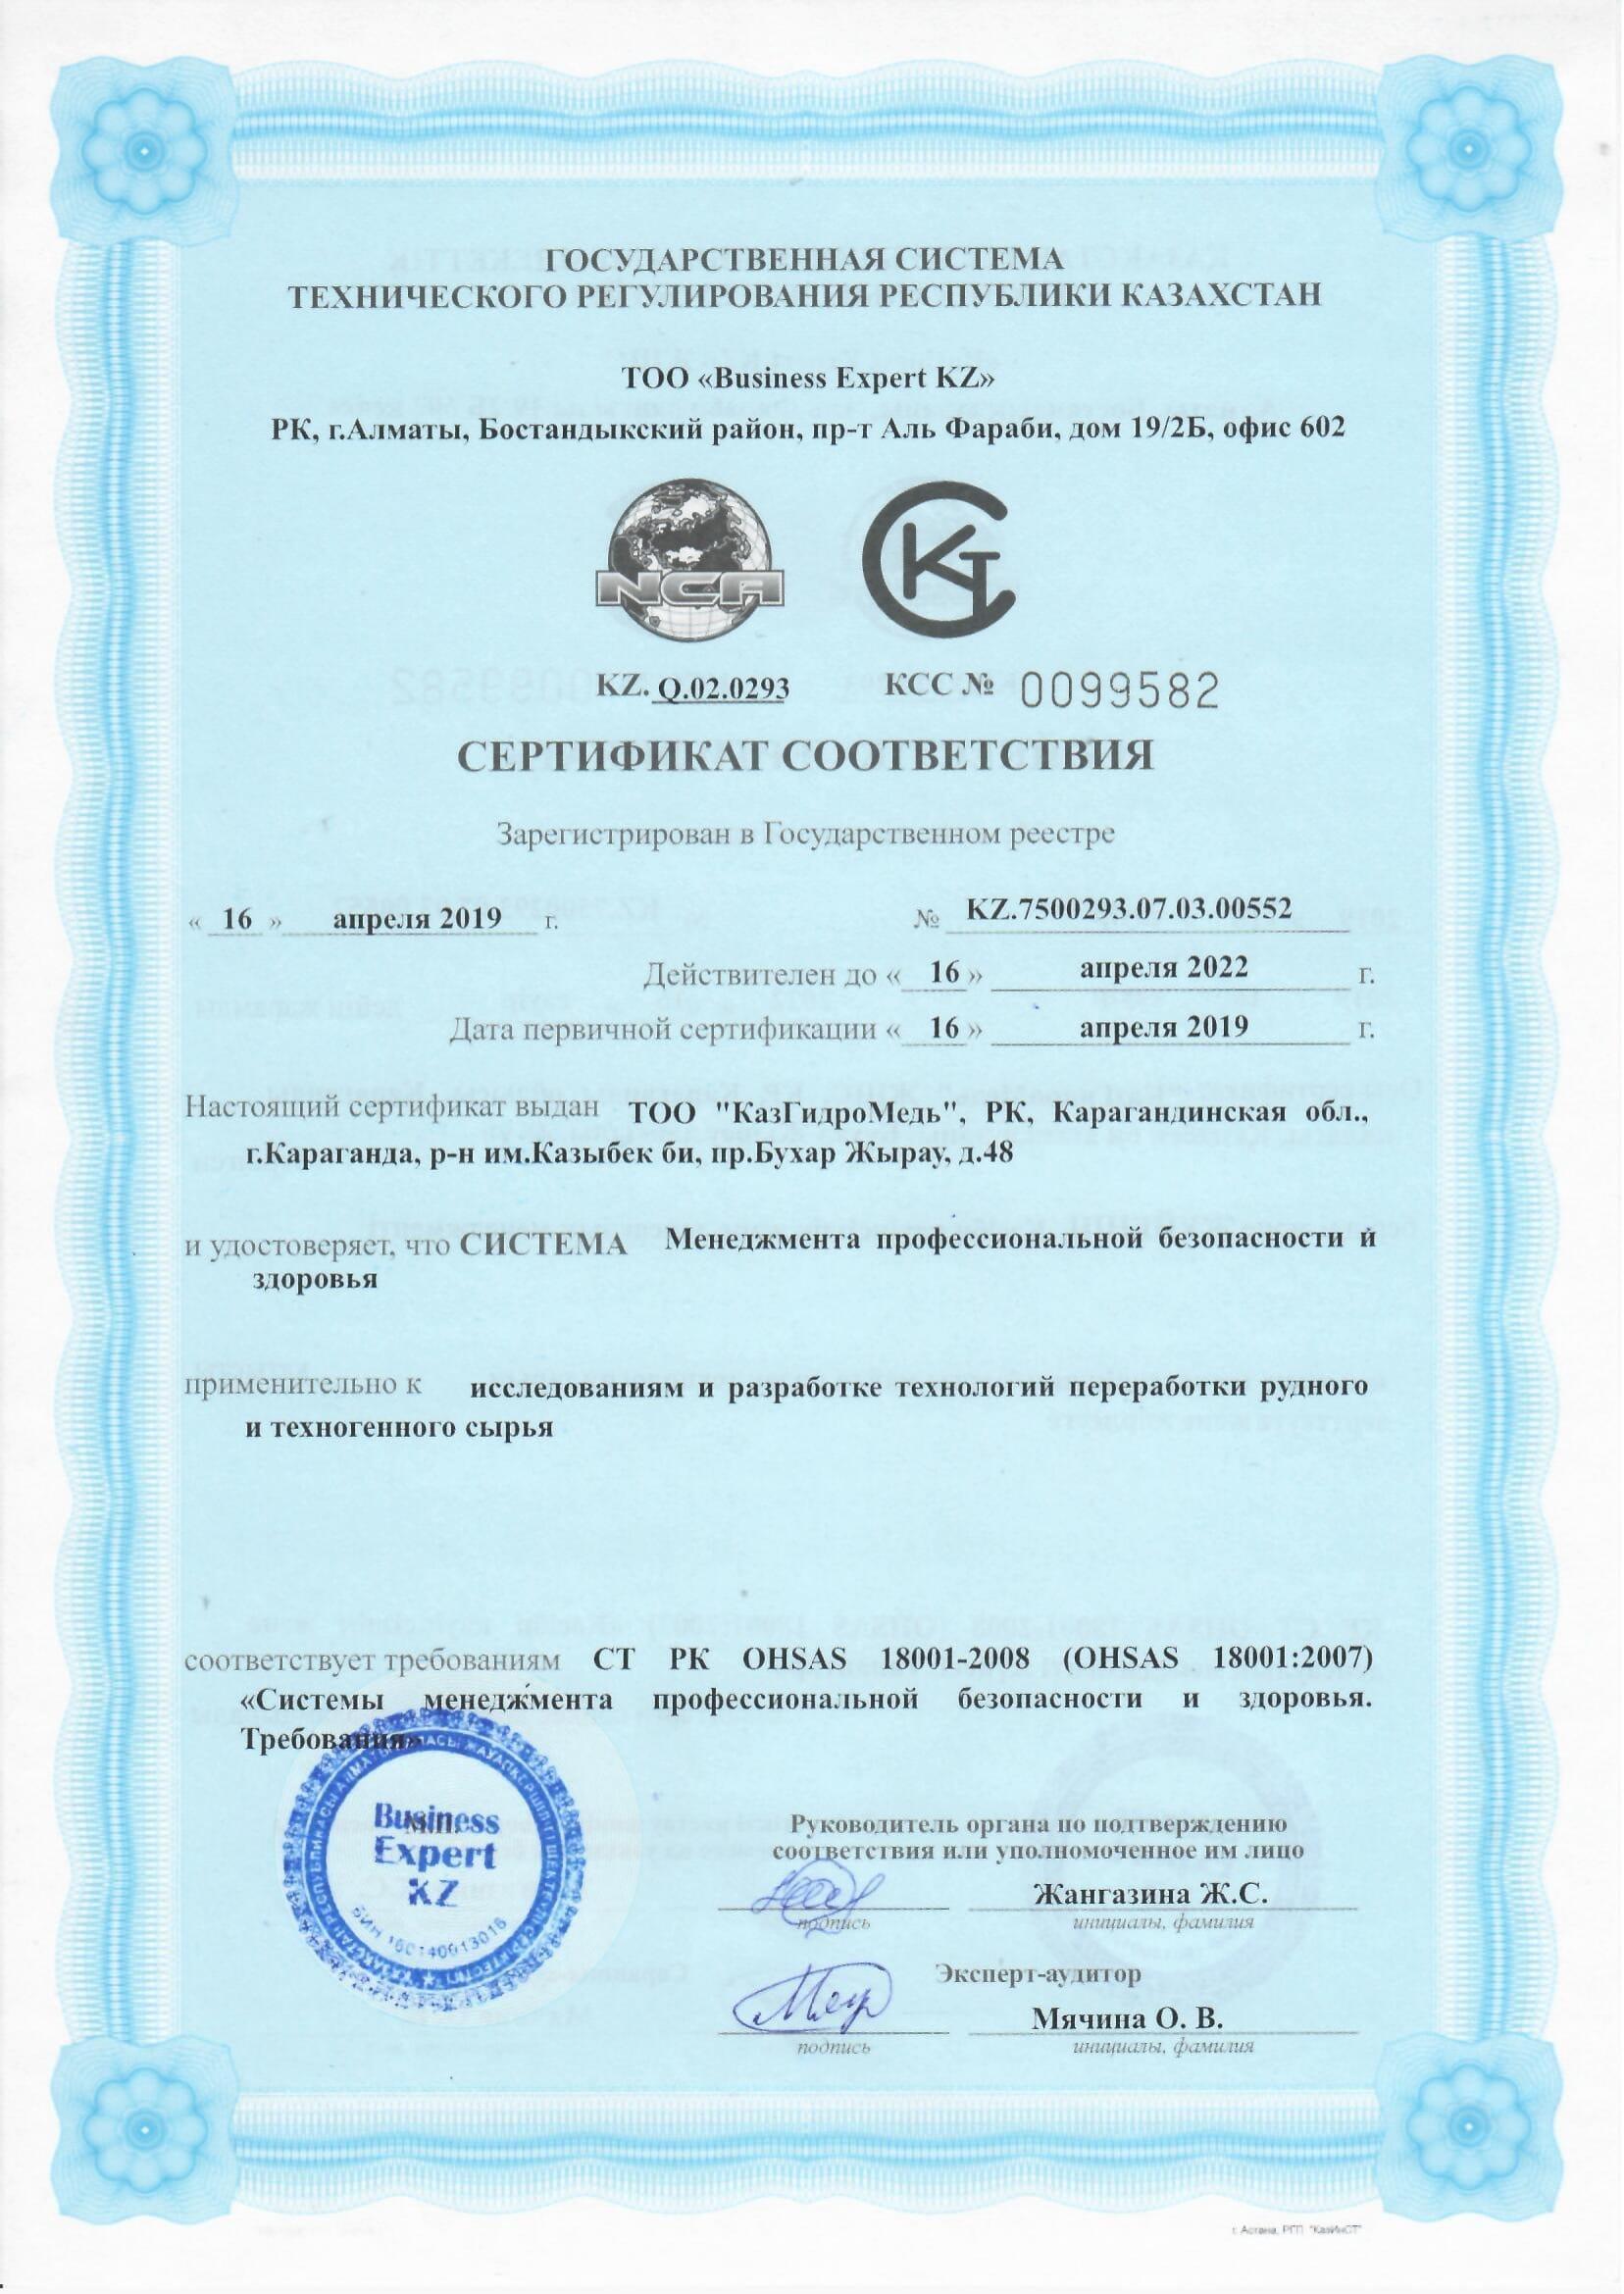 3 - Сертификаты соответствия 2019-5